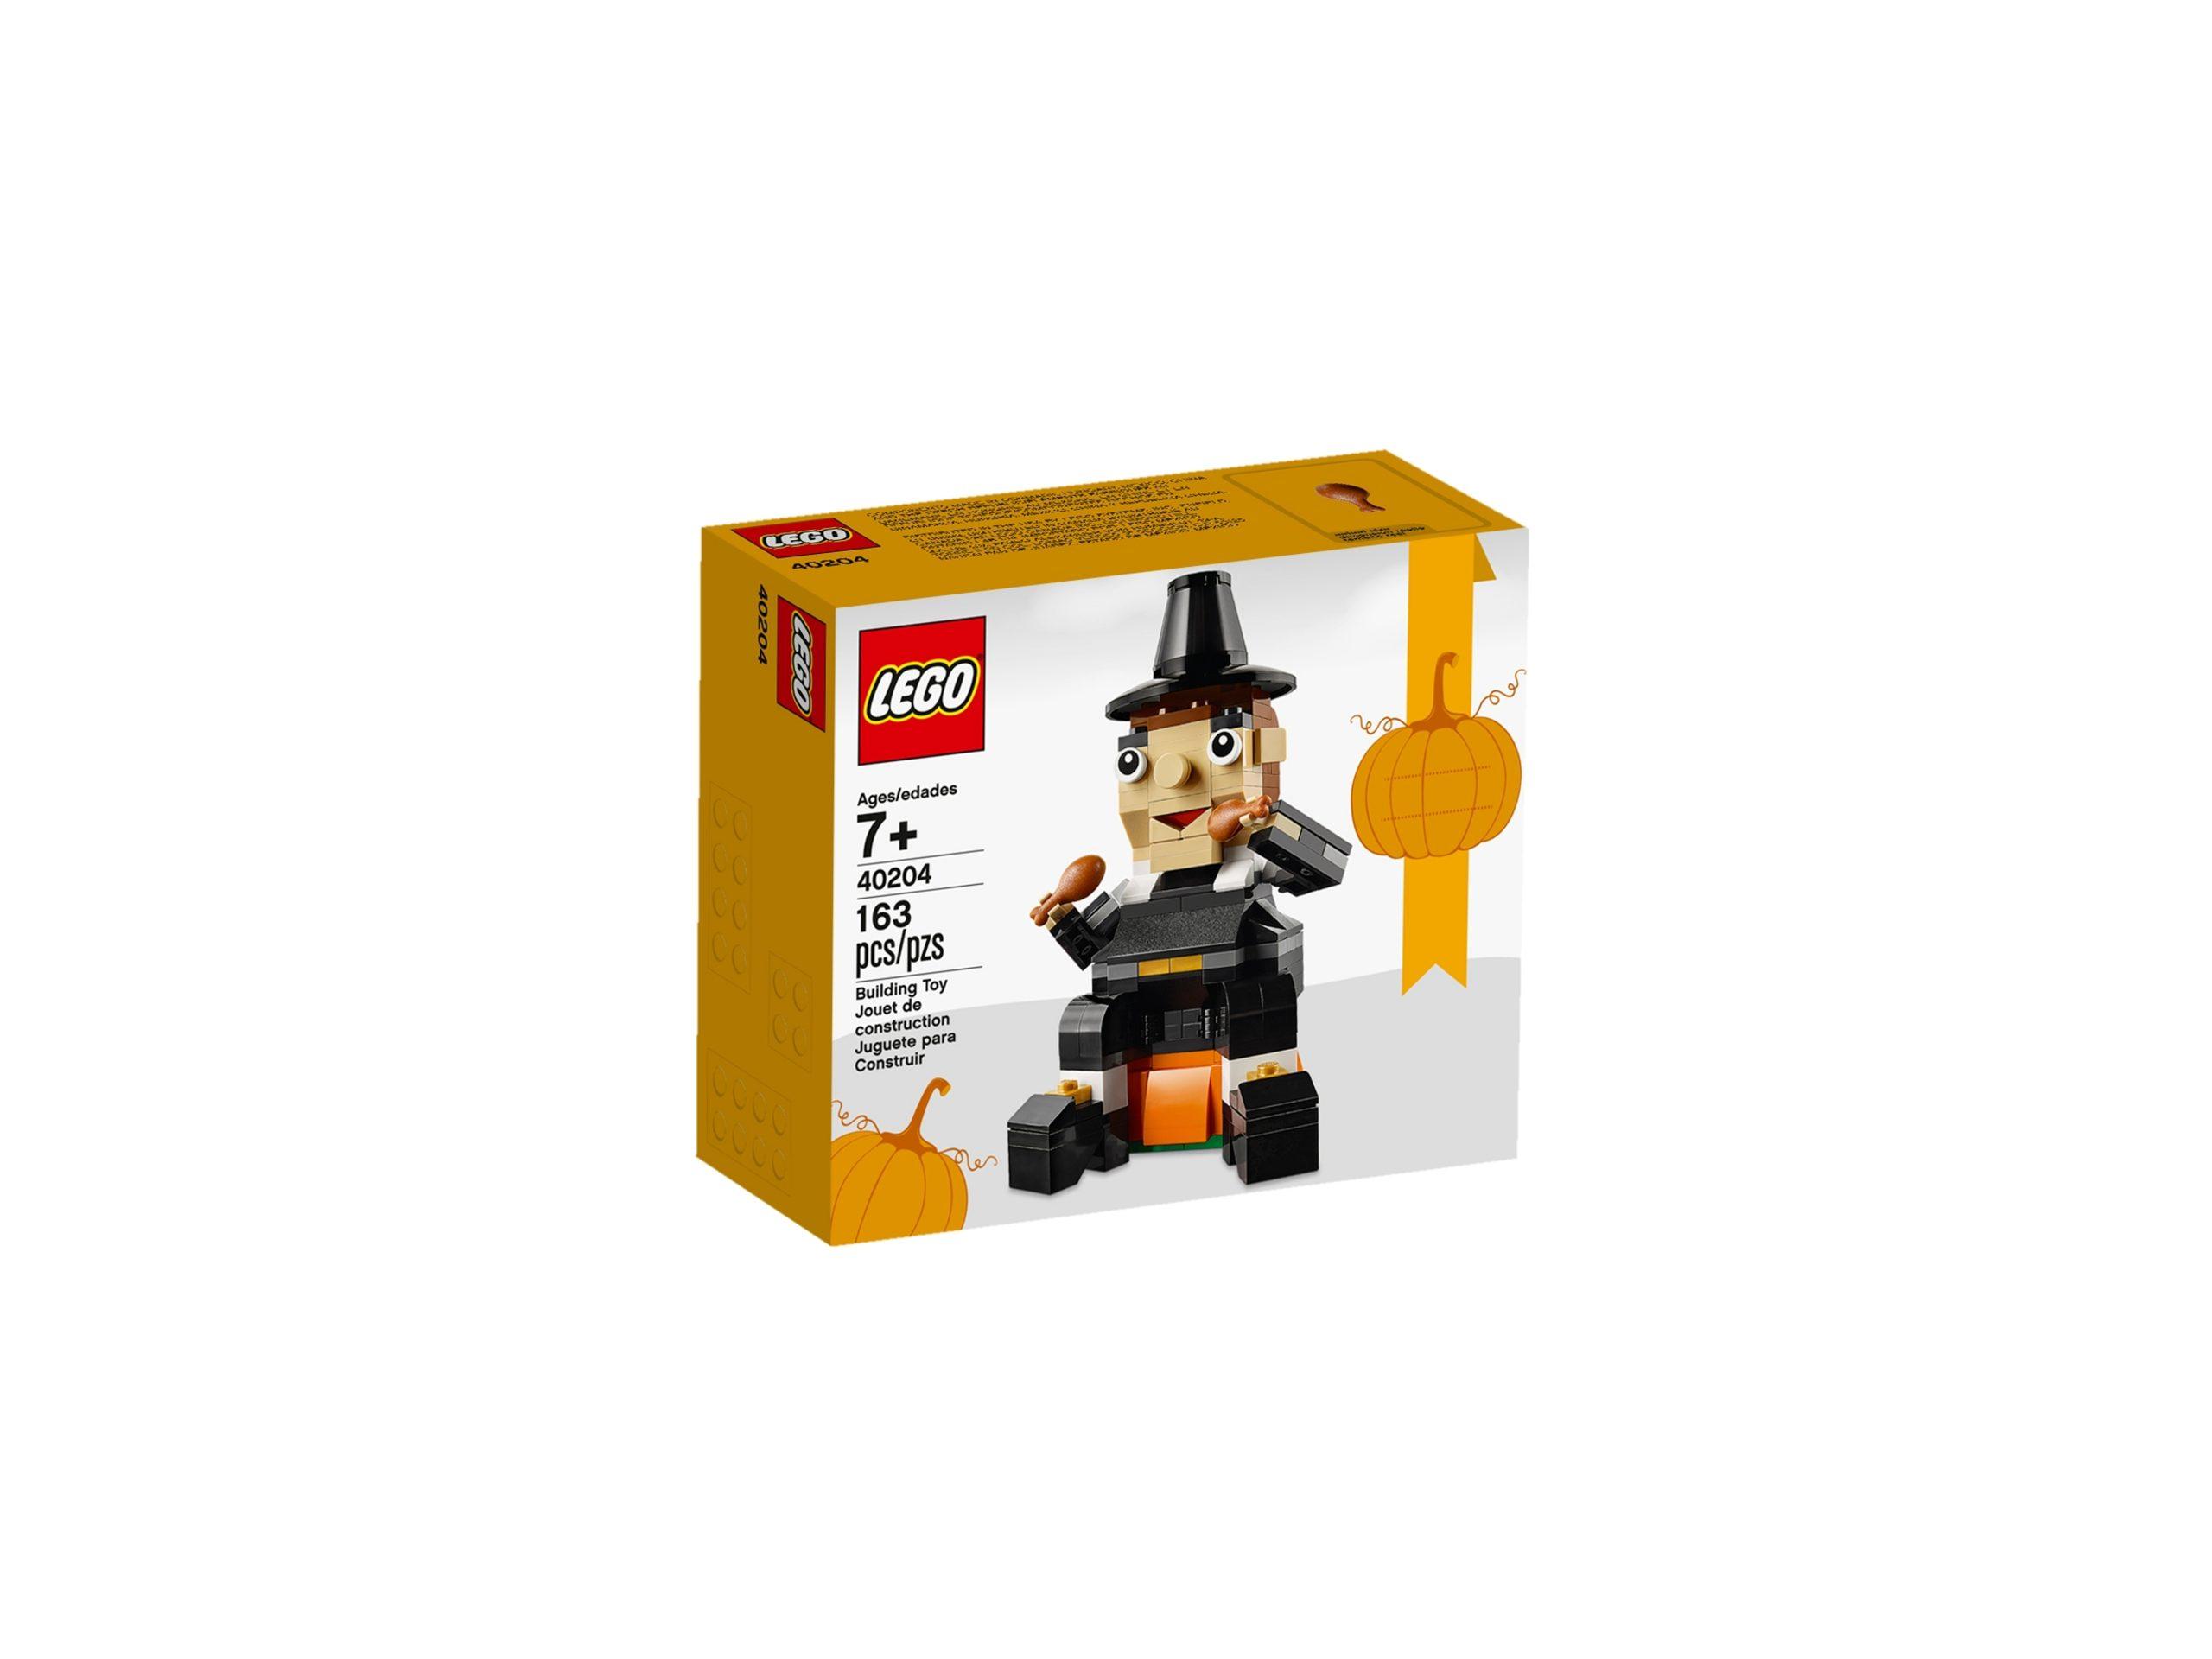 il banchetto del pellegrino lego 40204 scaled